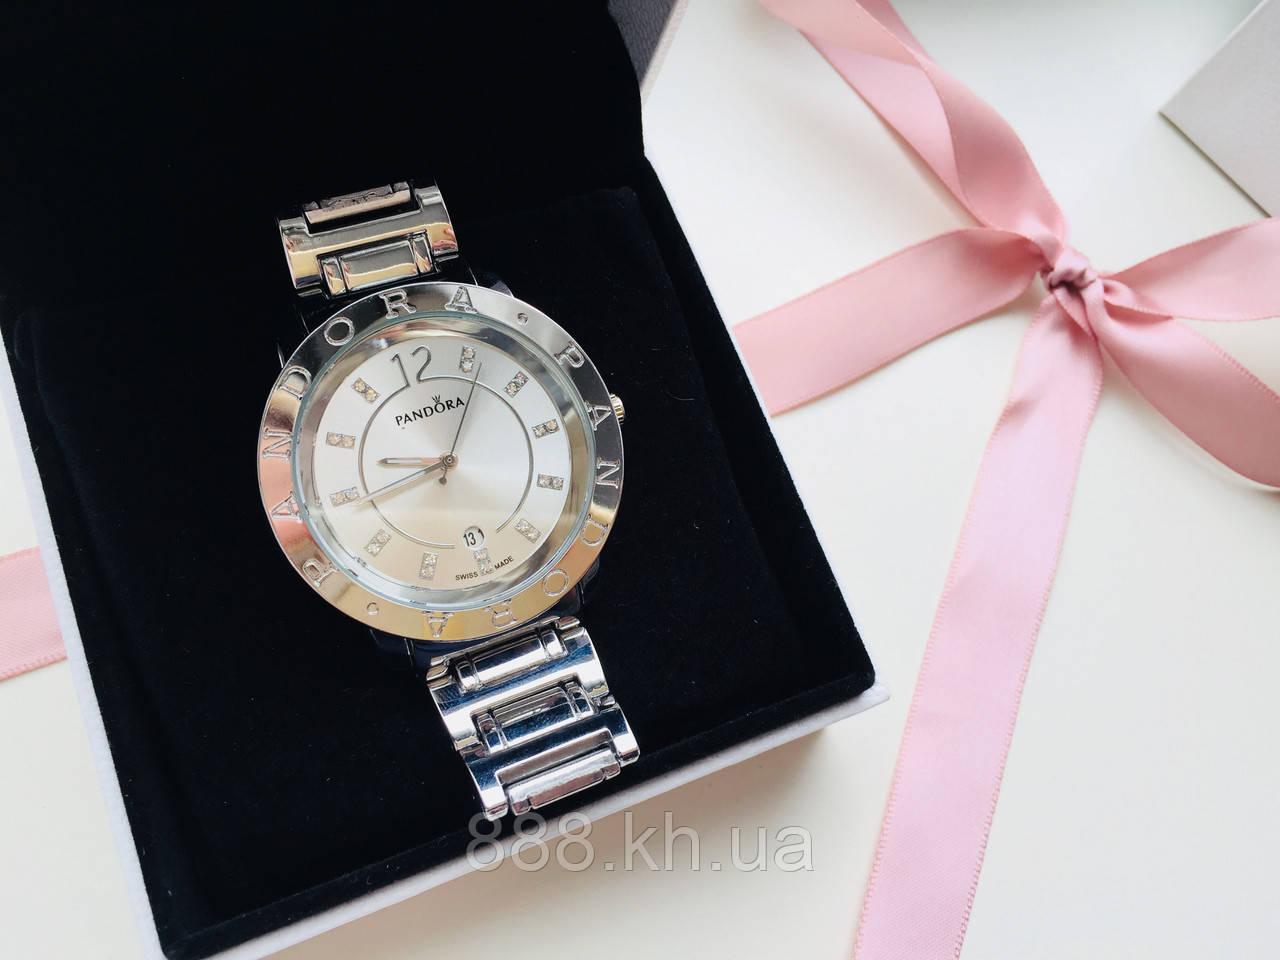 Женские наручные часы Pandora 23031814, стильные часы на подарок